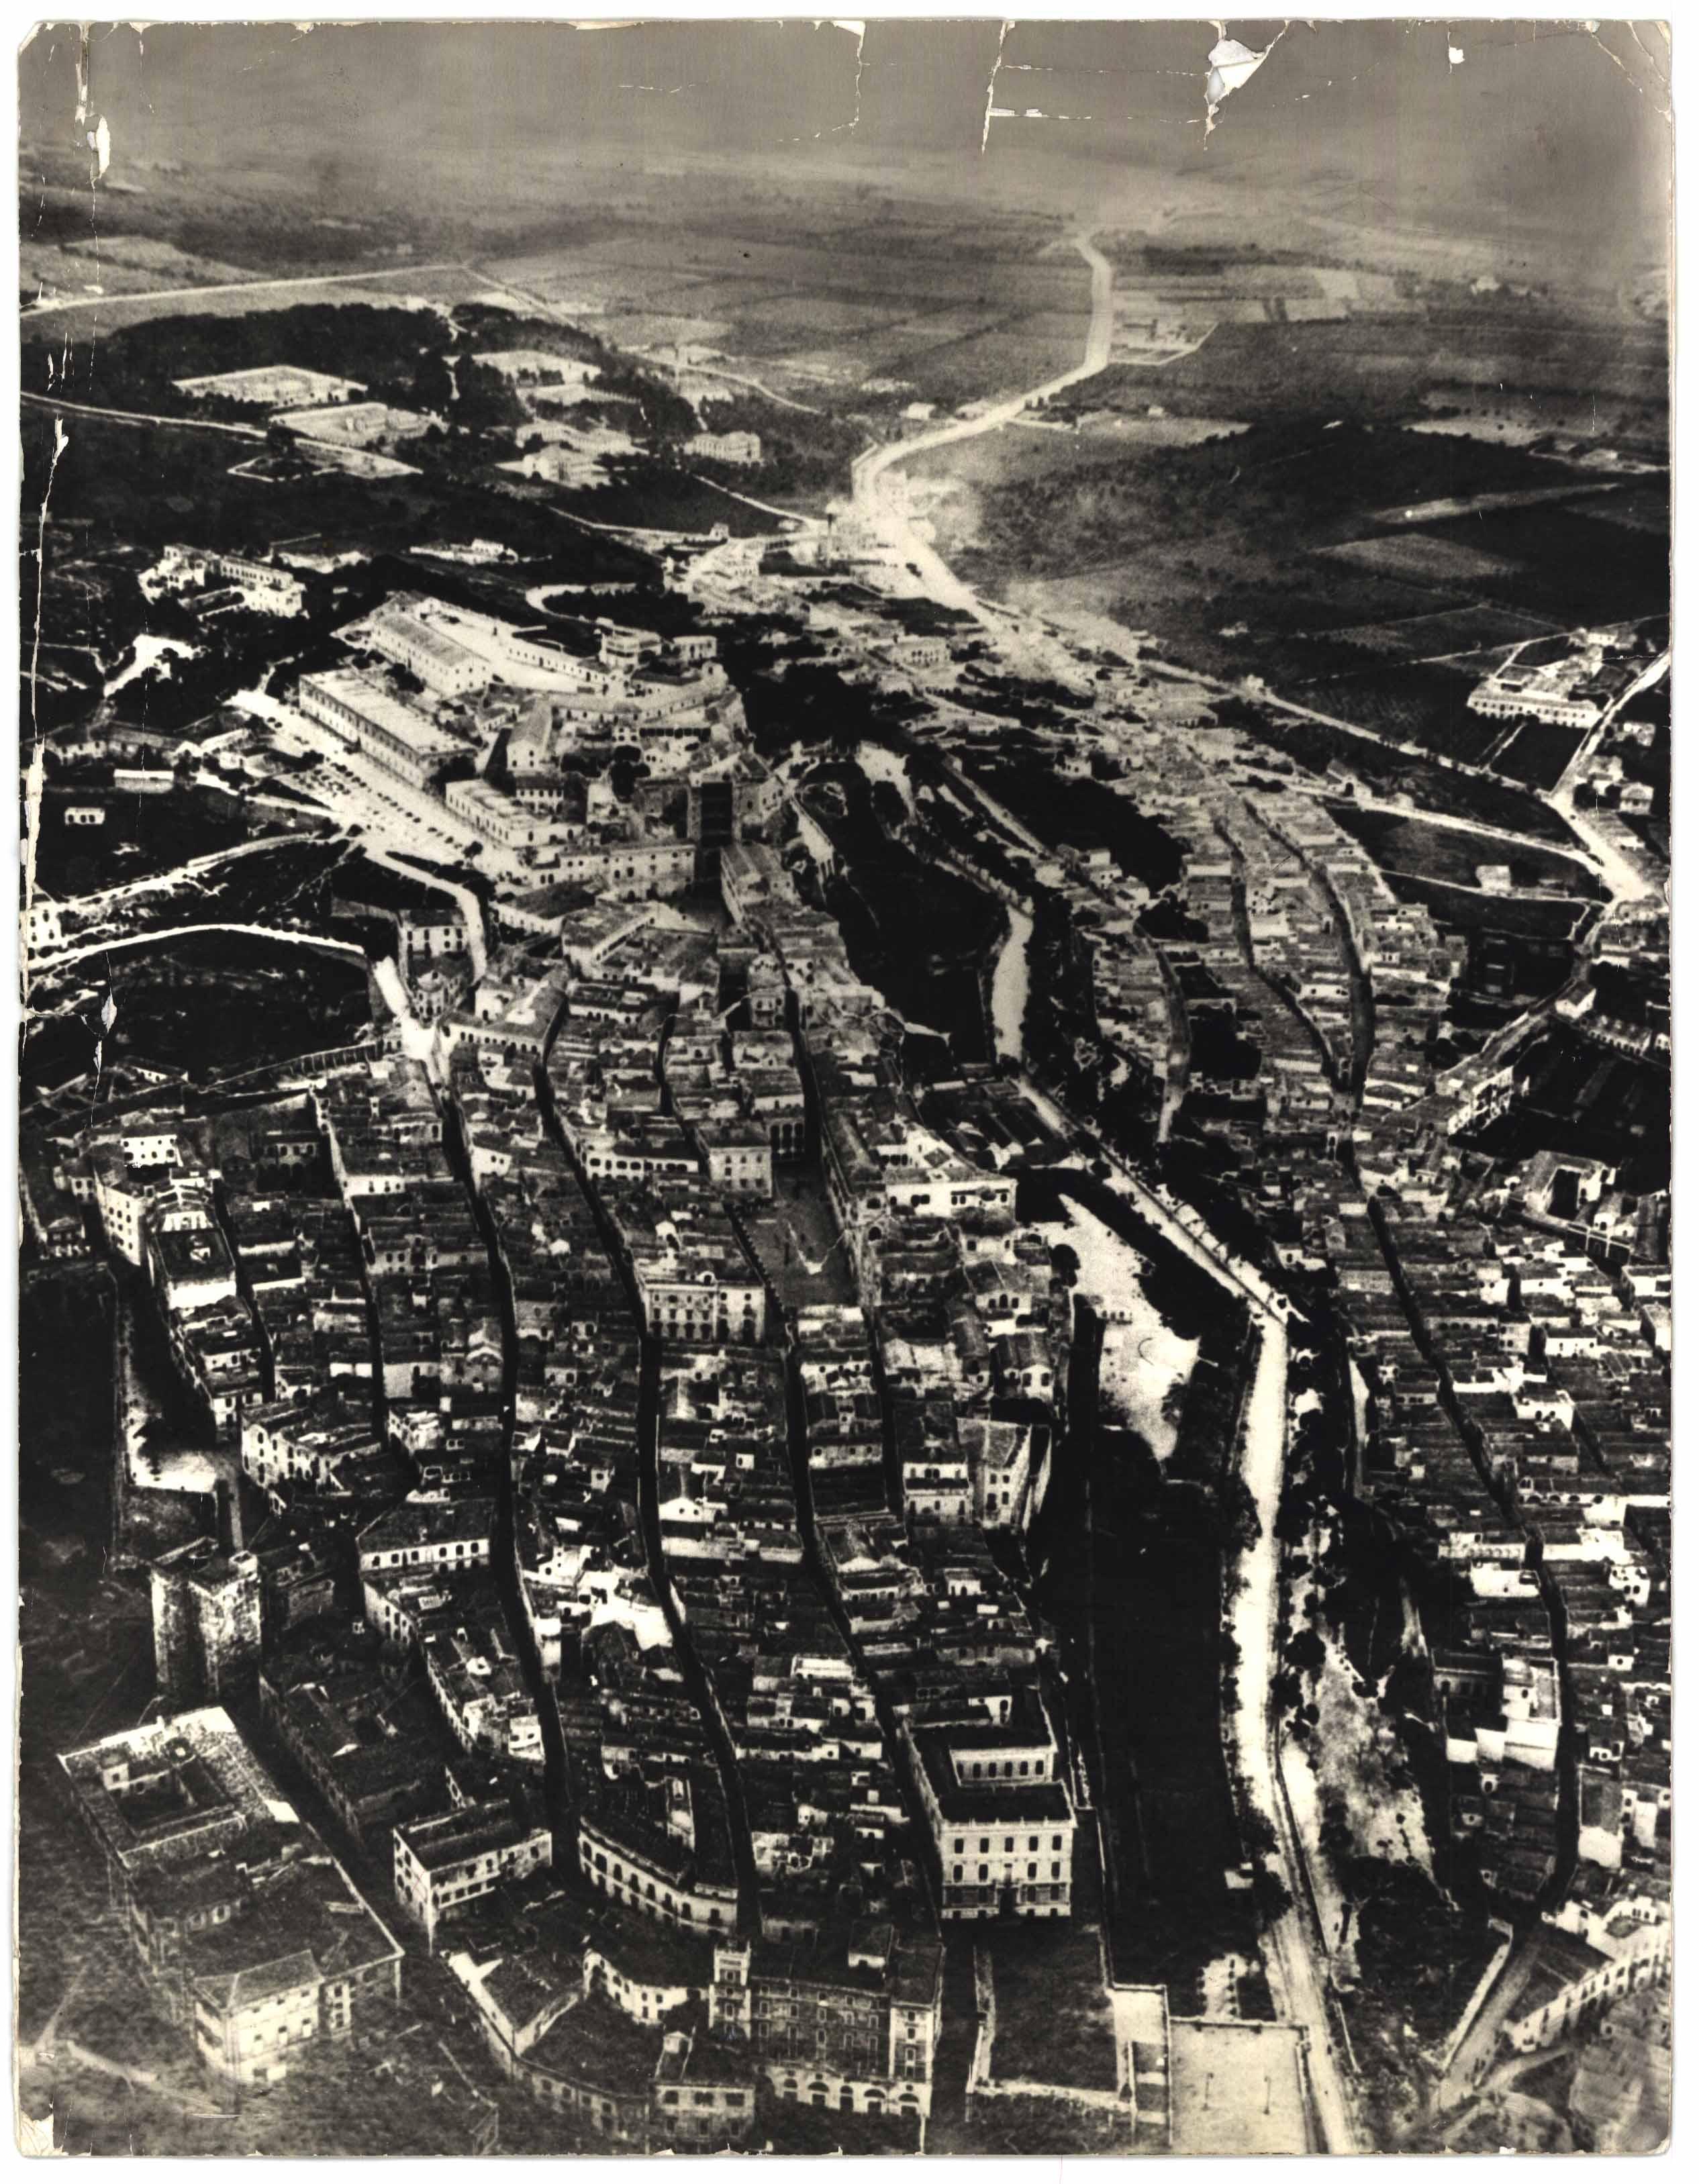 Archivio Comunale - 1920 - Topografia_jpg_foto 0029